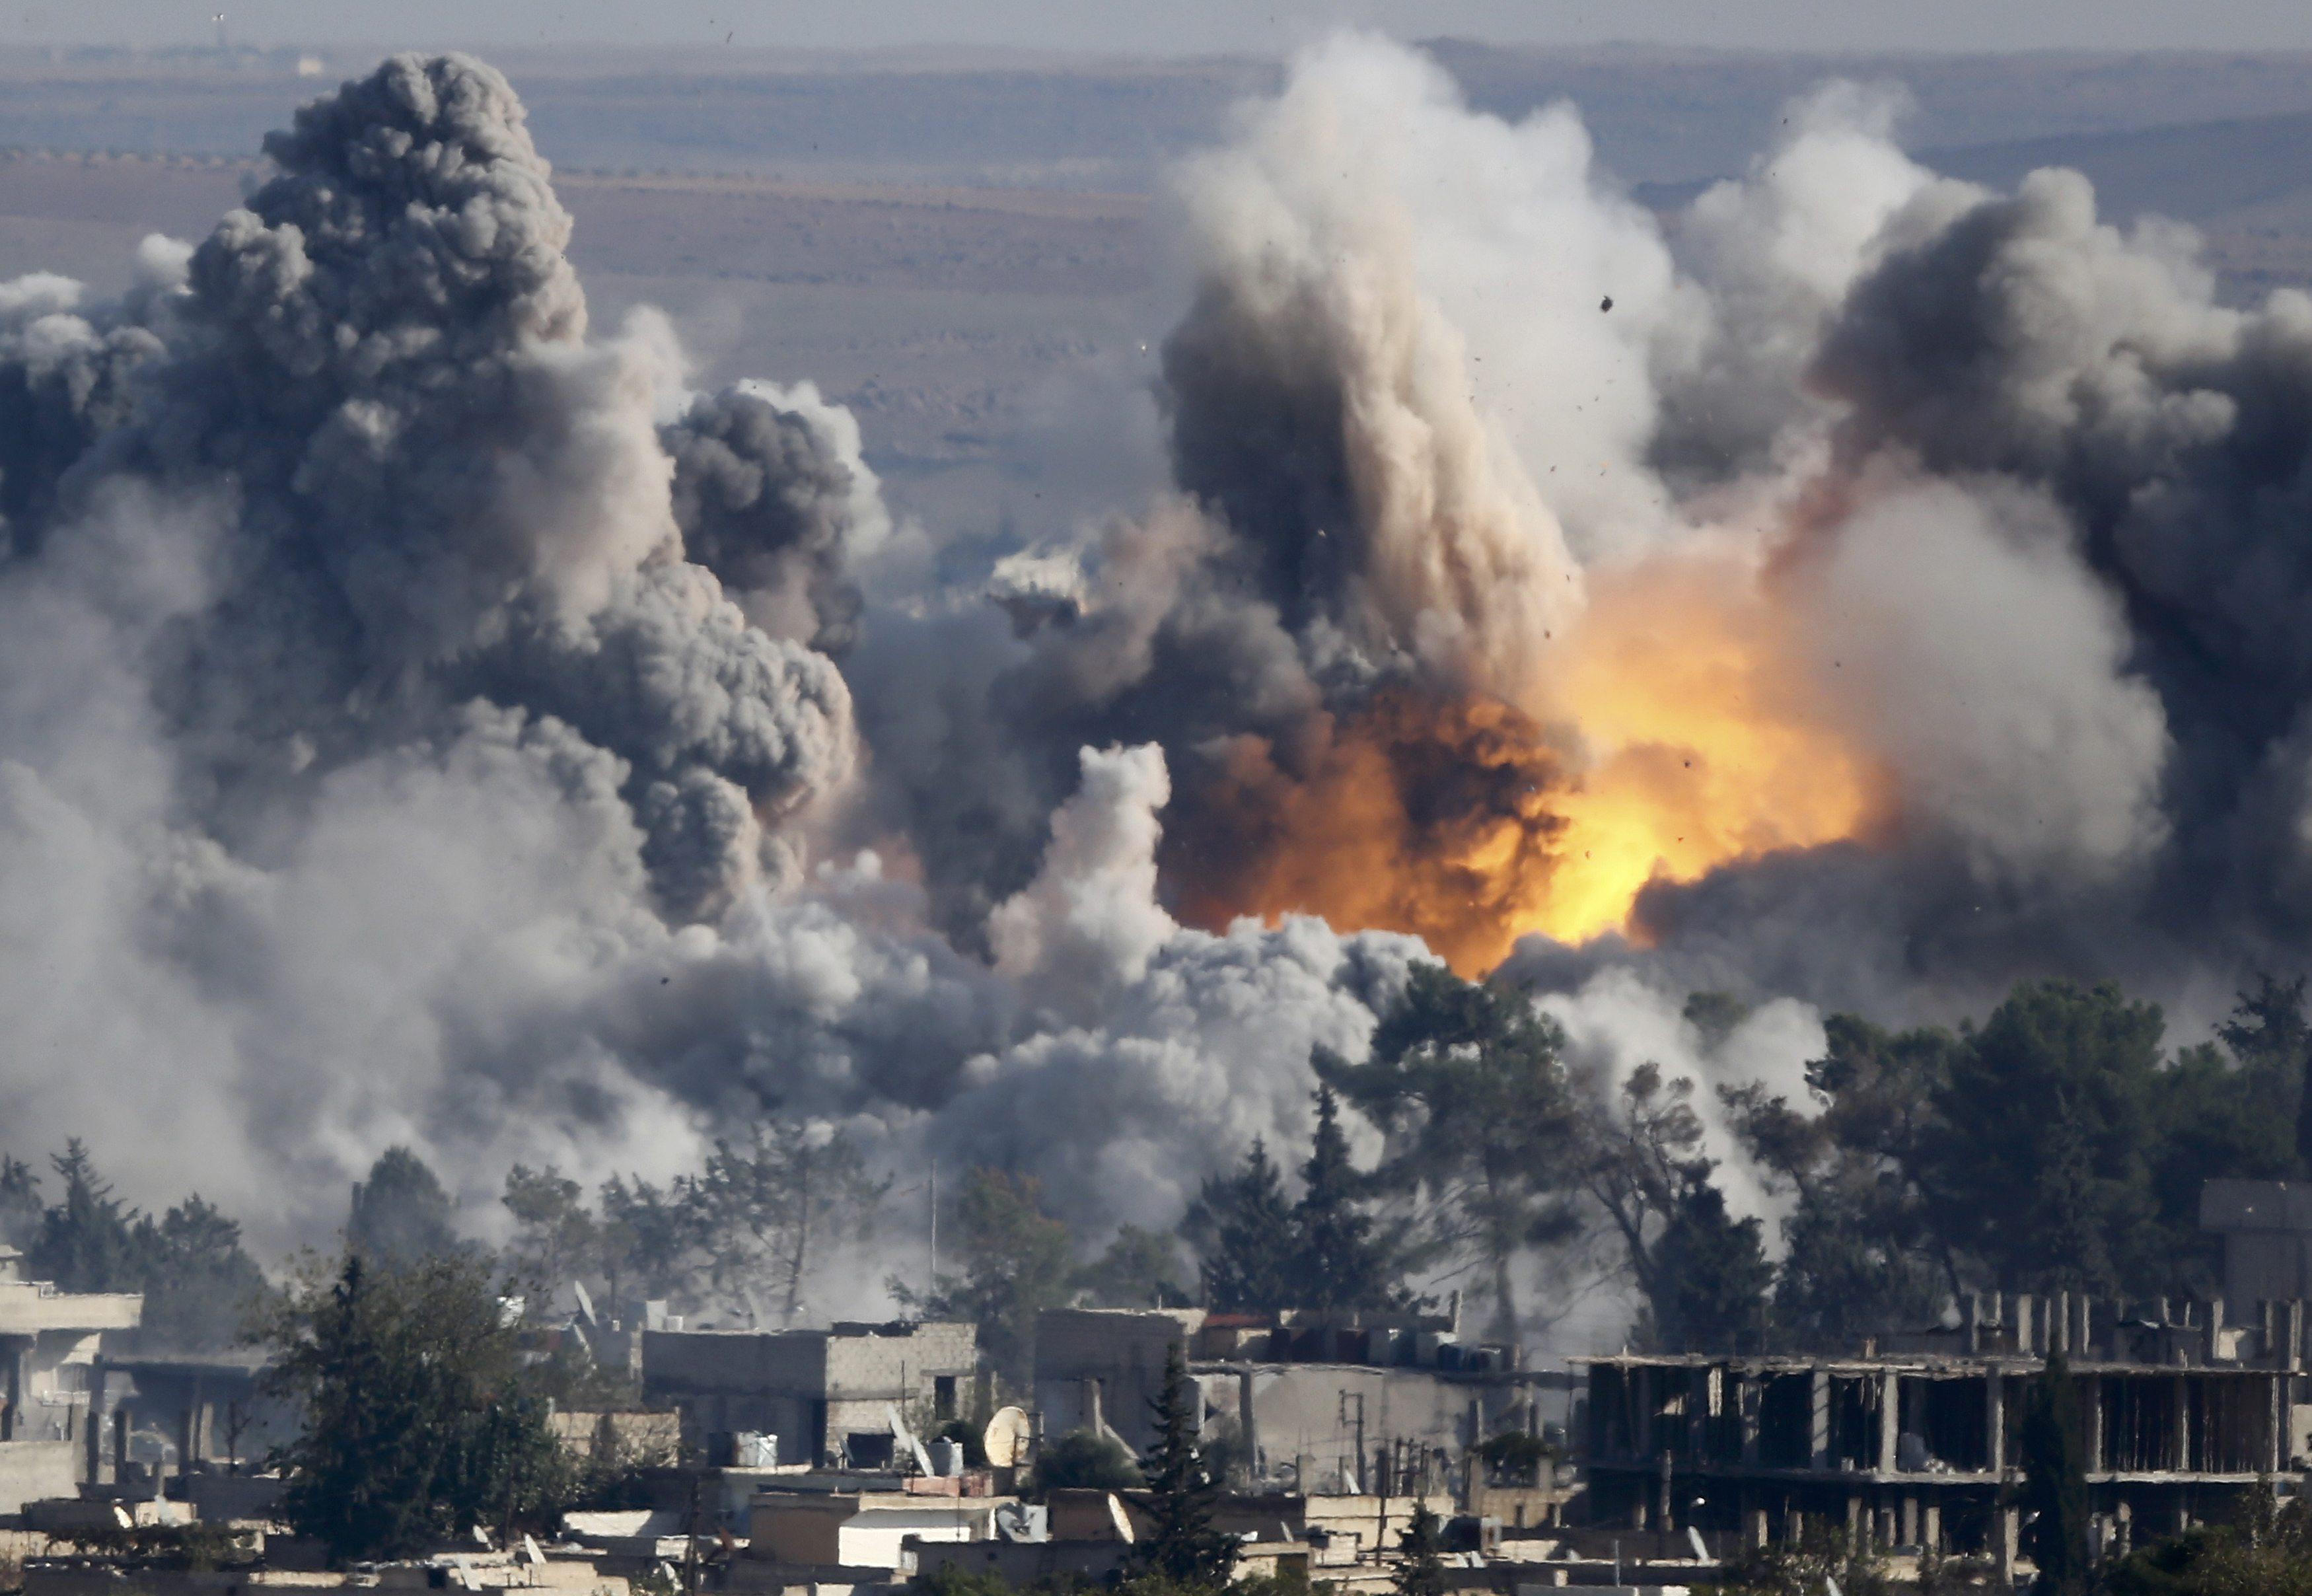 سورية تحترق، فما نحن فاعلون؟